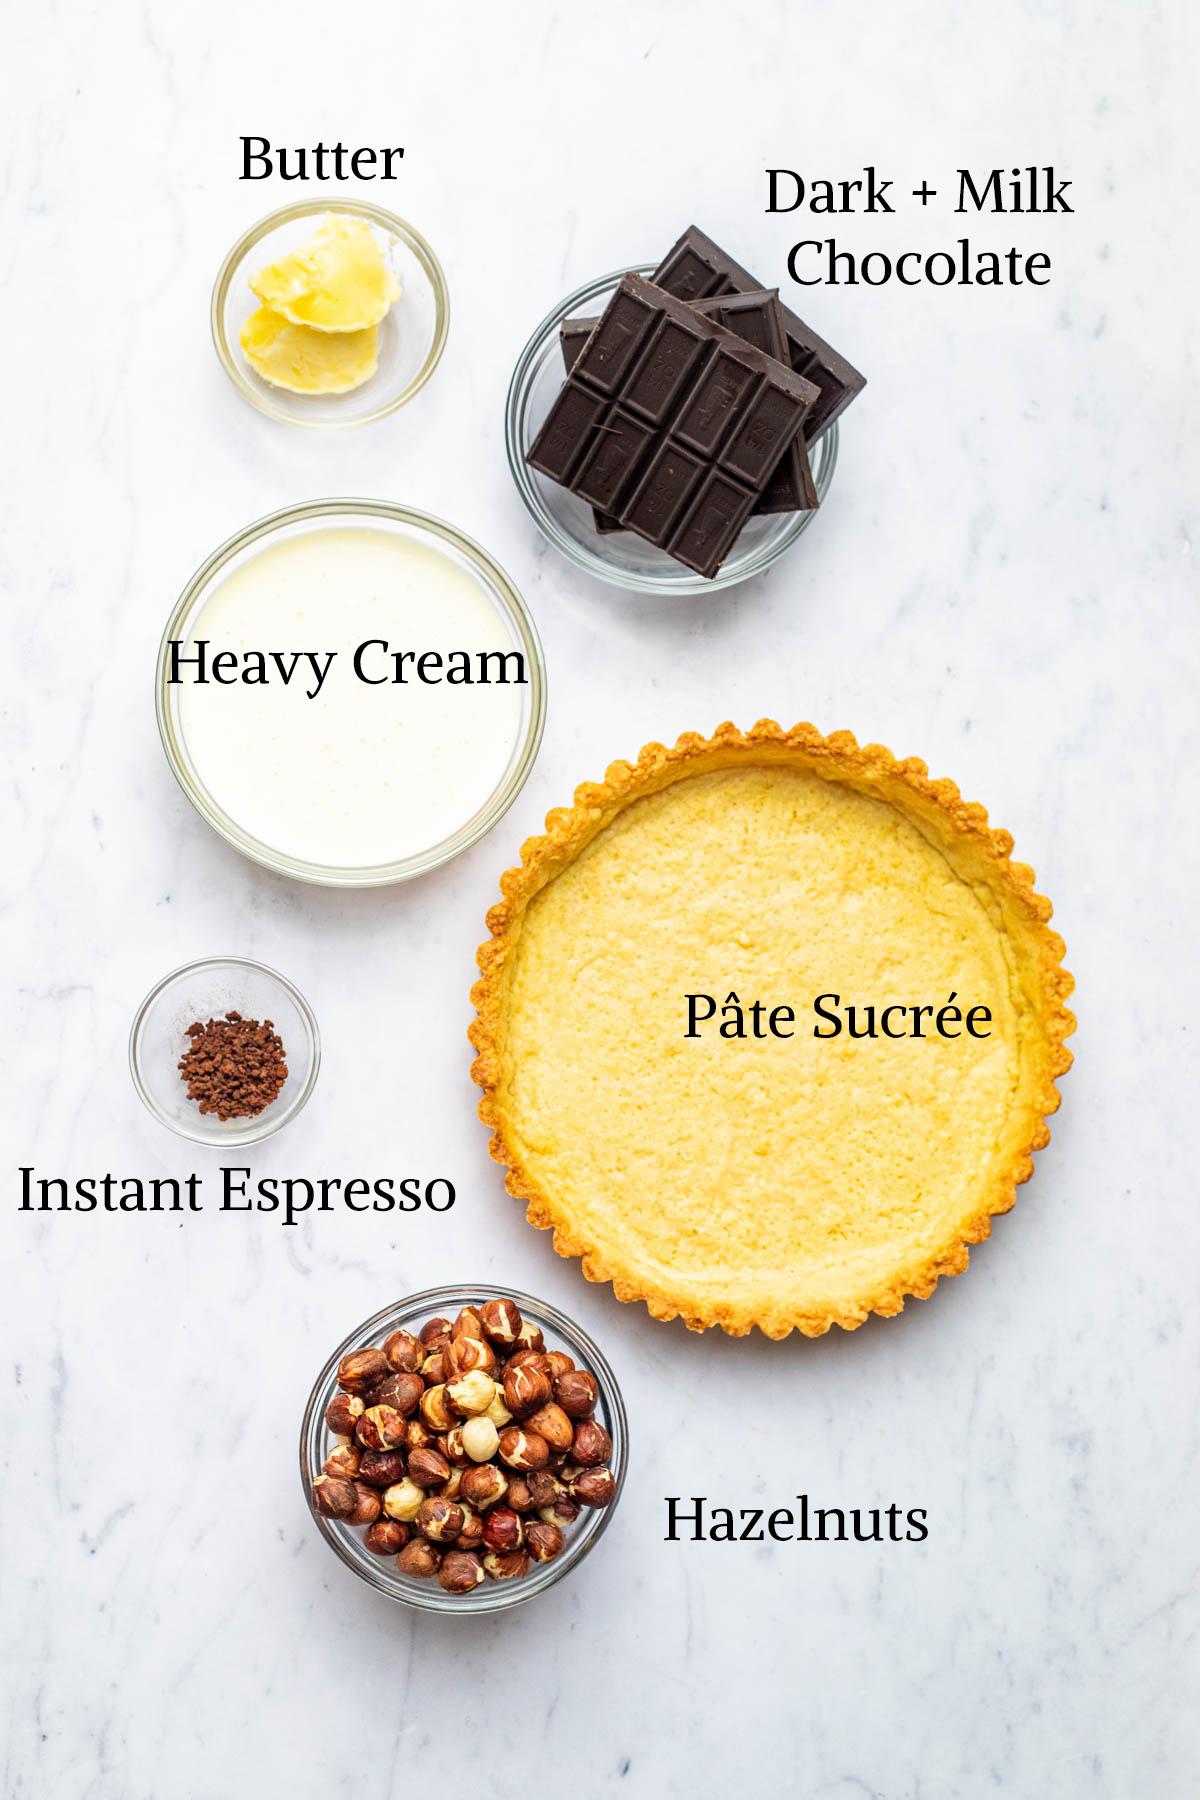 Ingredients to make a chocolate ganache tart.